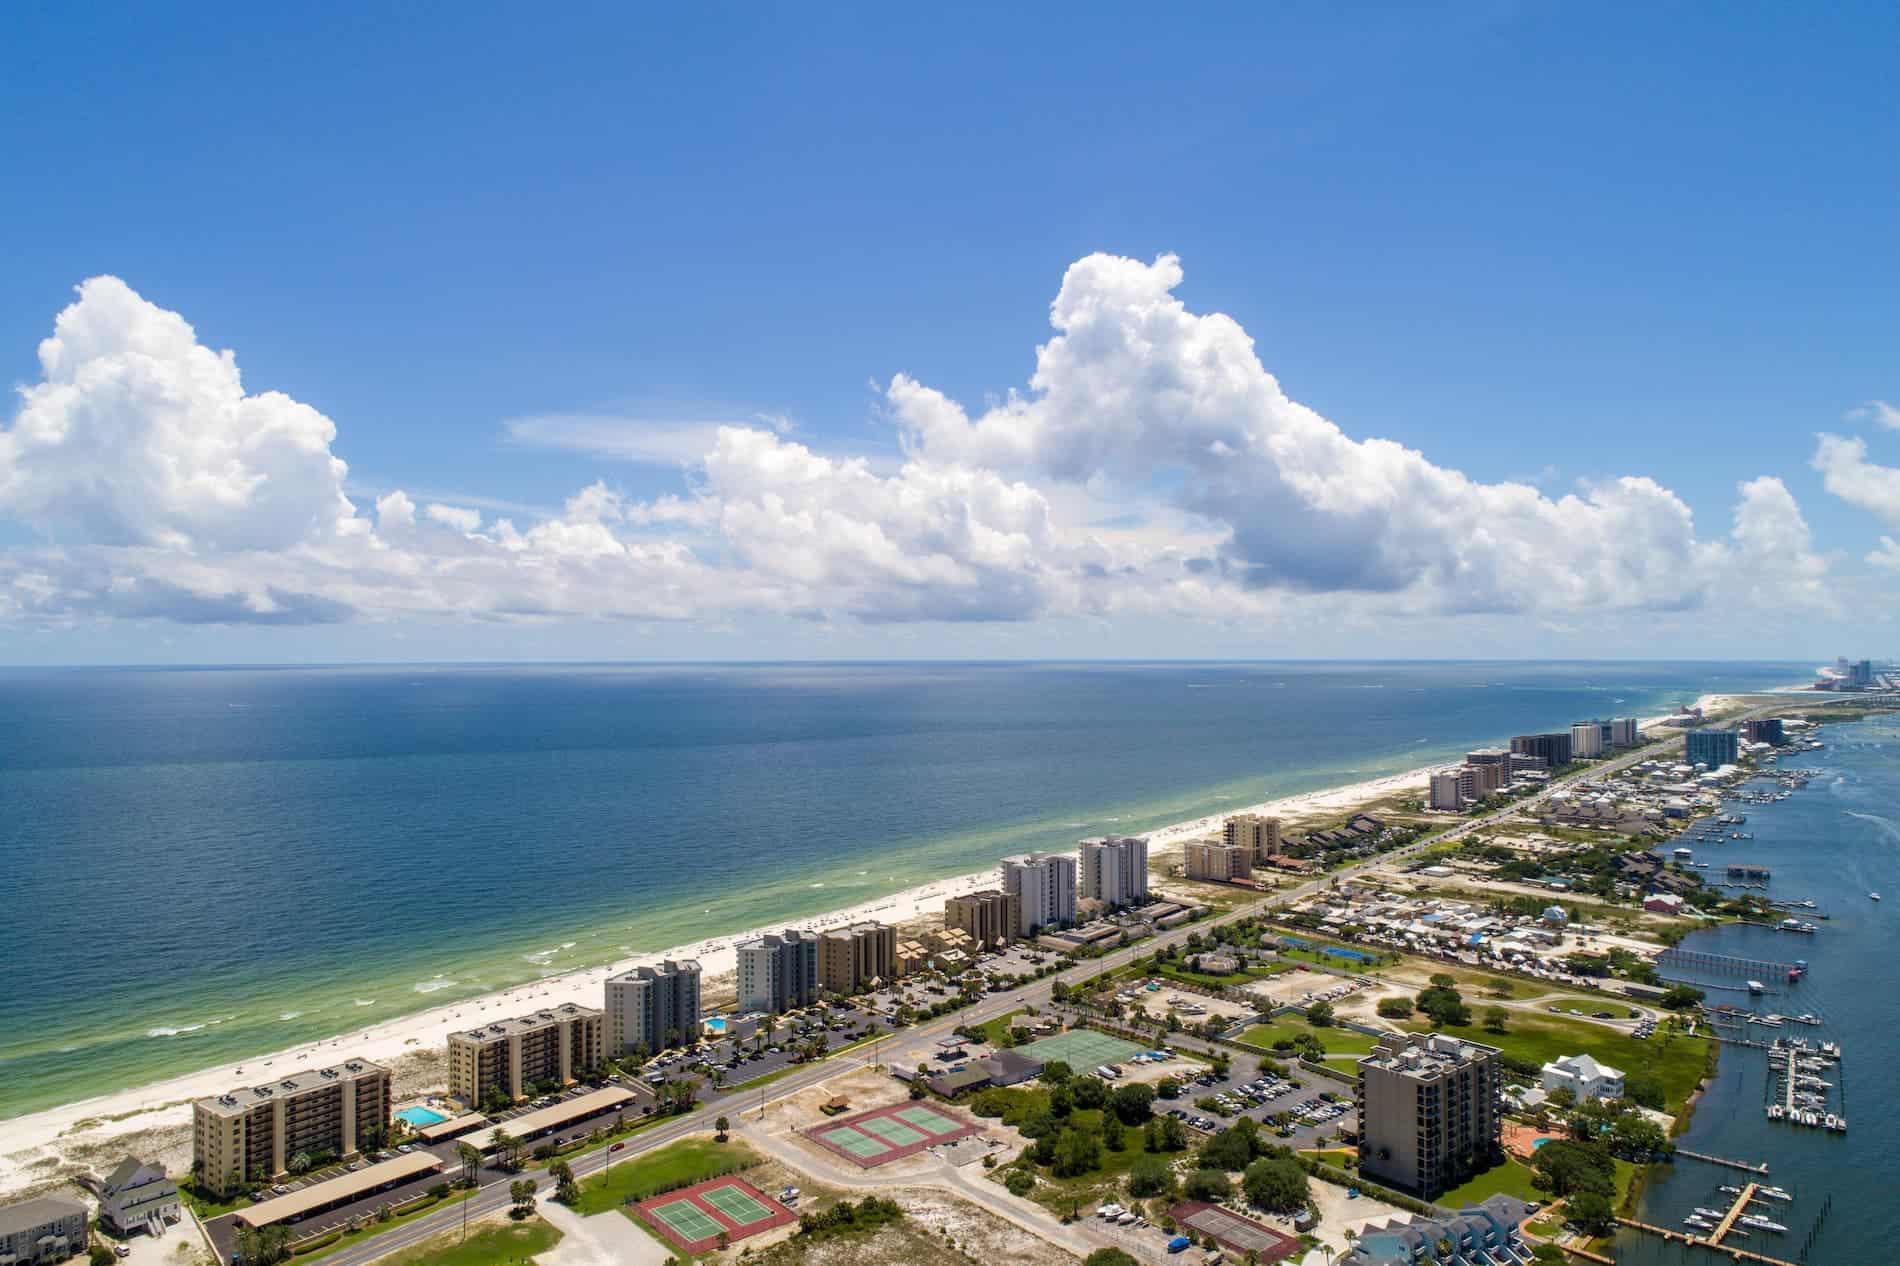 Pensacola Florida Aerial Shot for RoofClaim.com